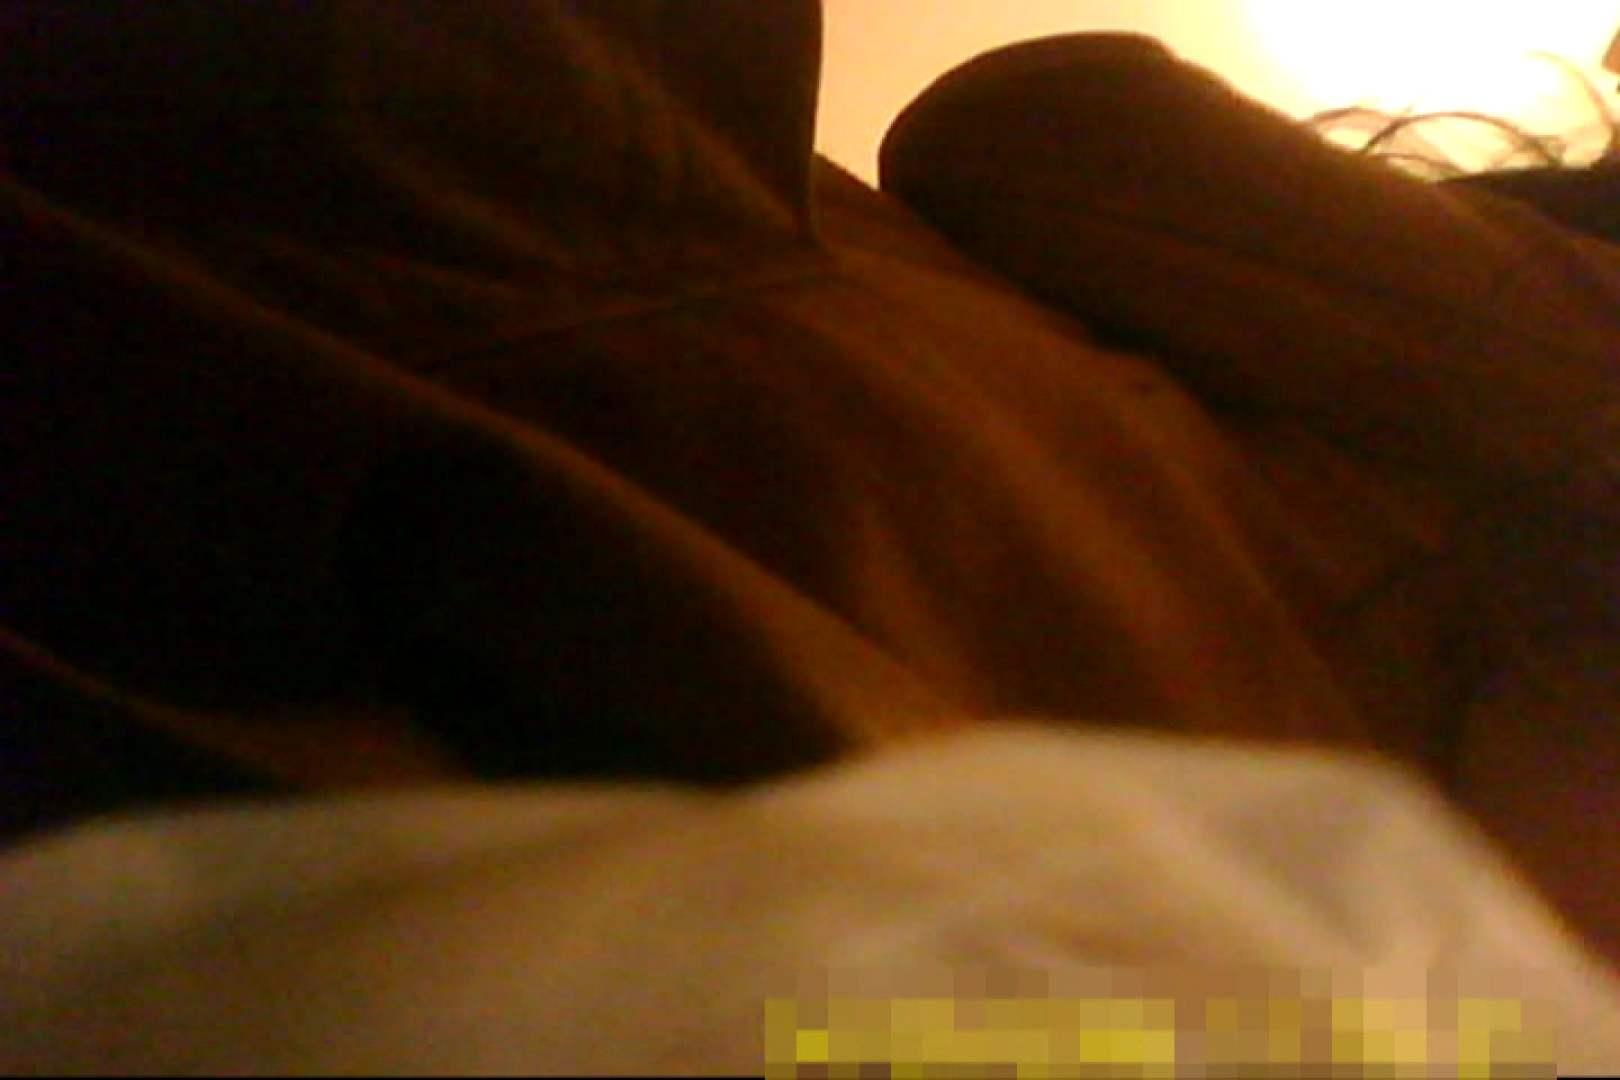 魅惑の化粧室~禁断のプライベート空間~vol.8 熟女のエッチ  63pic 52